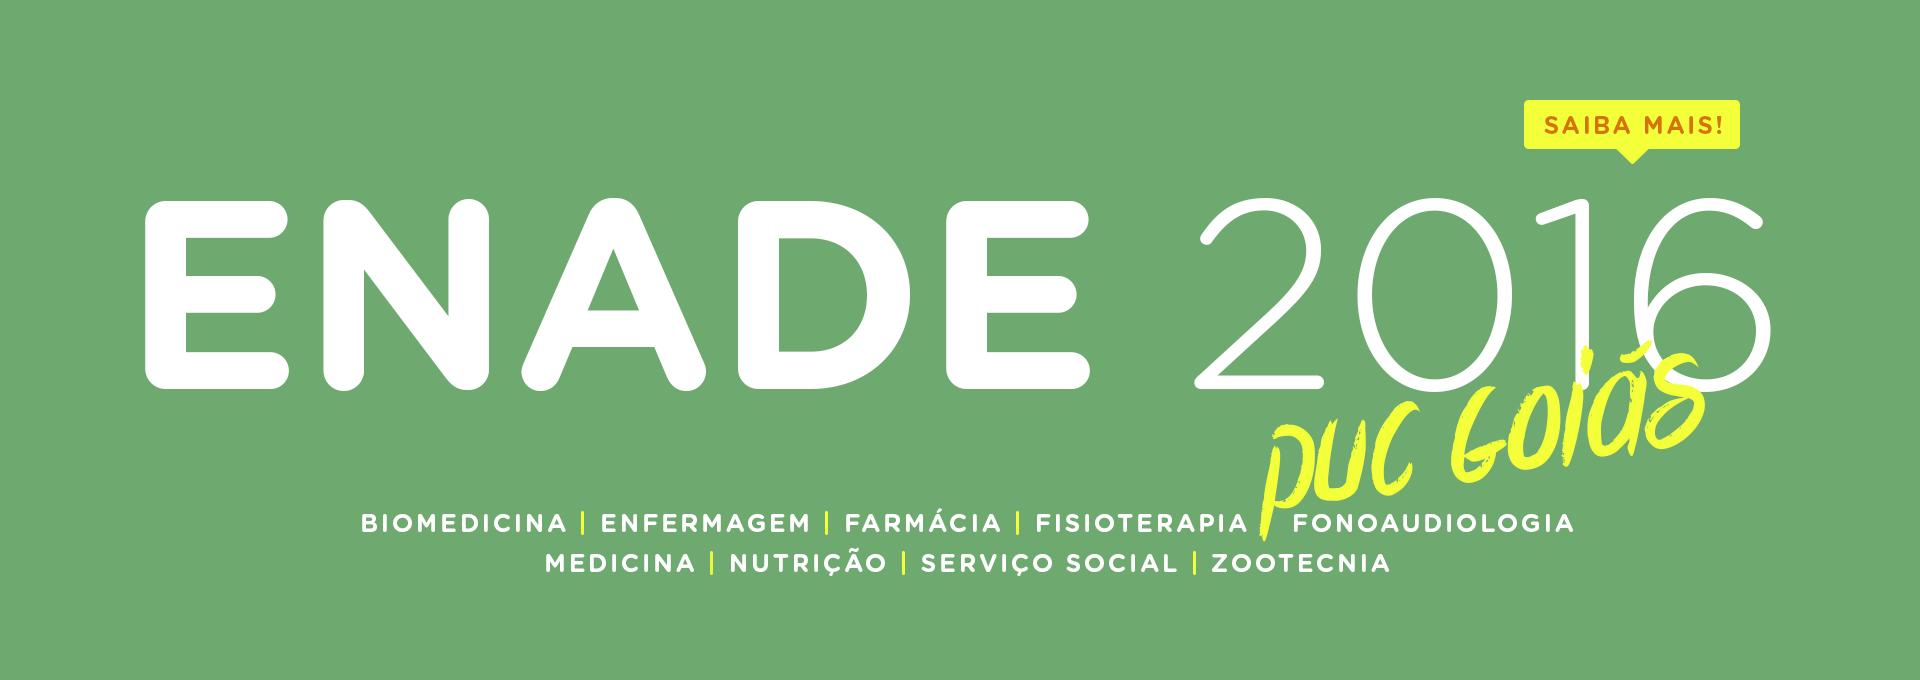 ENADE 2016